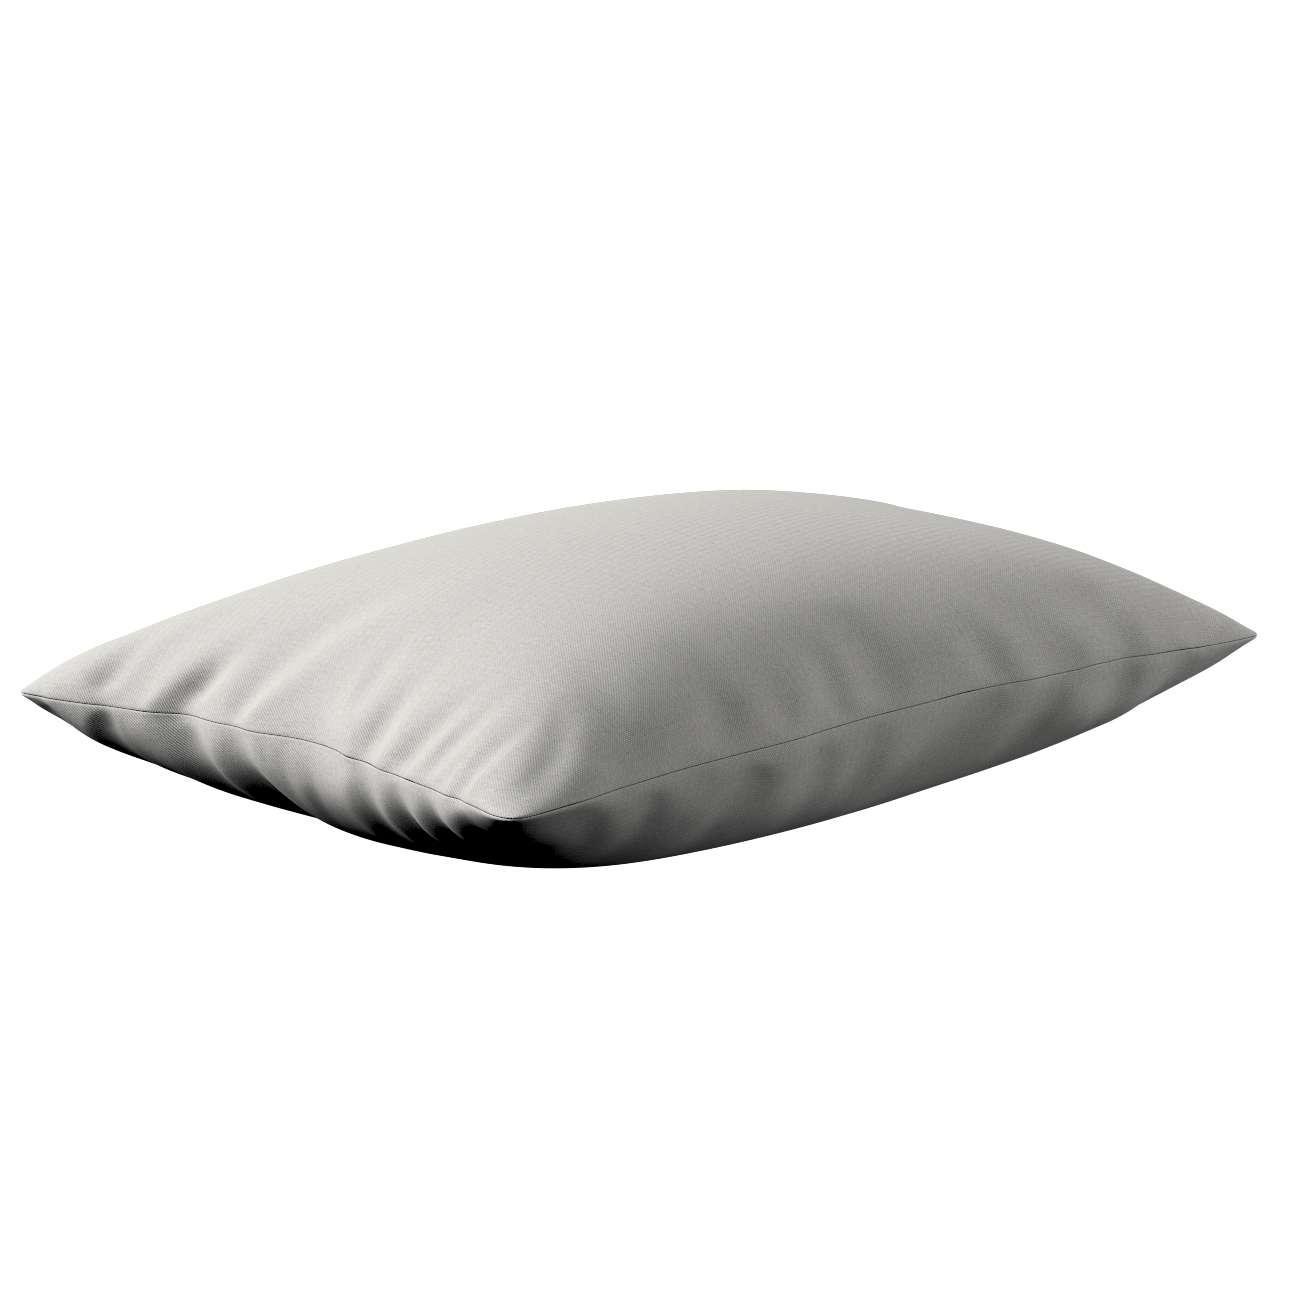 Kinga dekoratyvinės pagalvėlės užvalkalas 60x40cm 60x40cm kolekcijoje Etna , audinys: 705-90